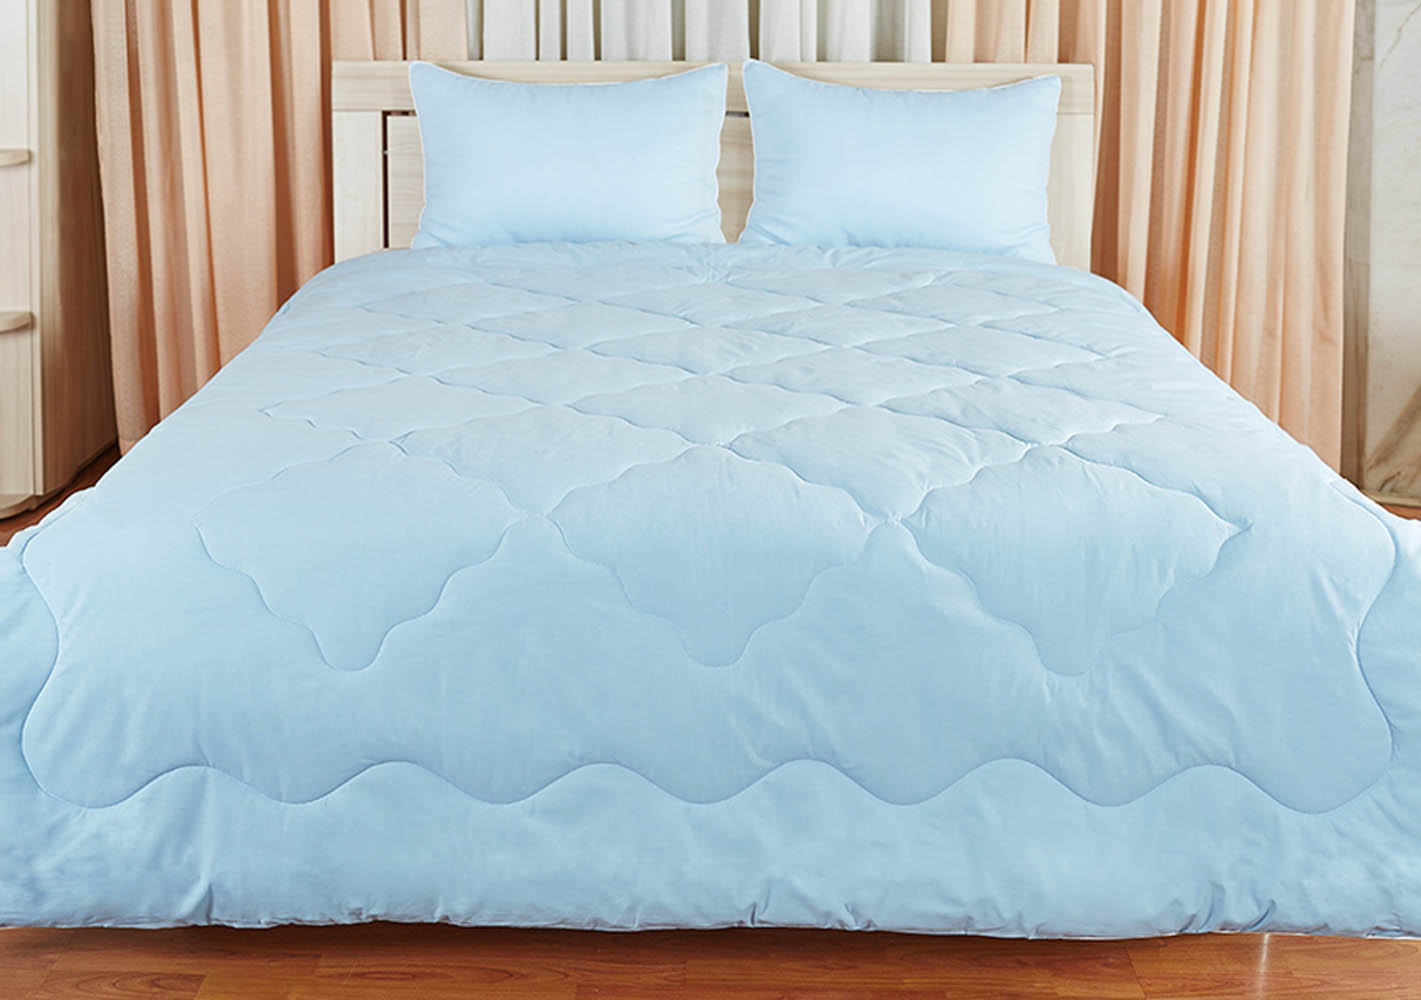 Одеяла Primavelle Одеяло Лежебока Цвет: Голубой (140х205 см)